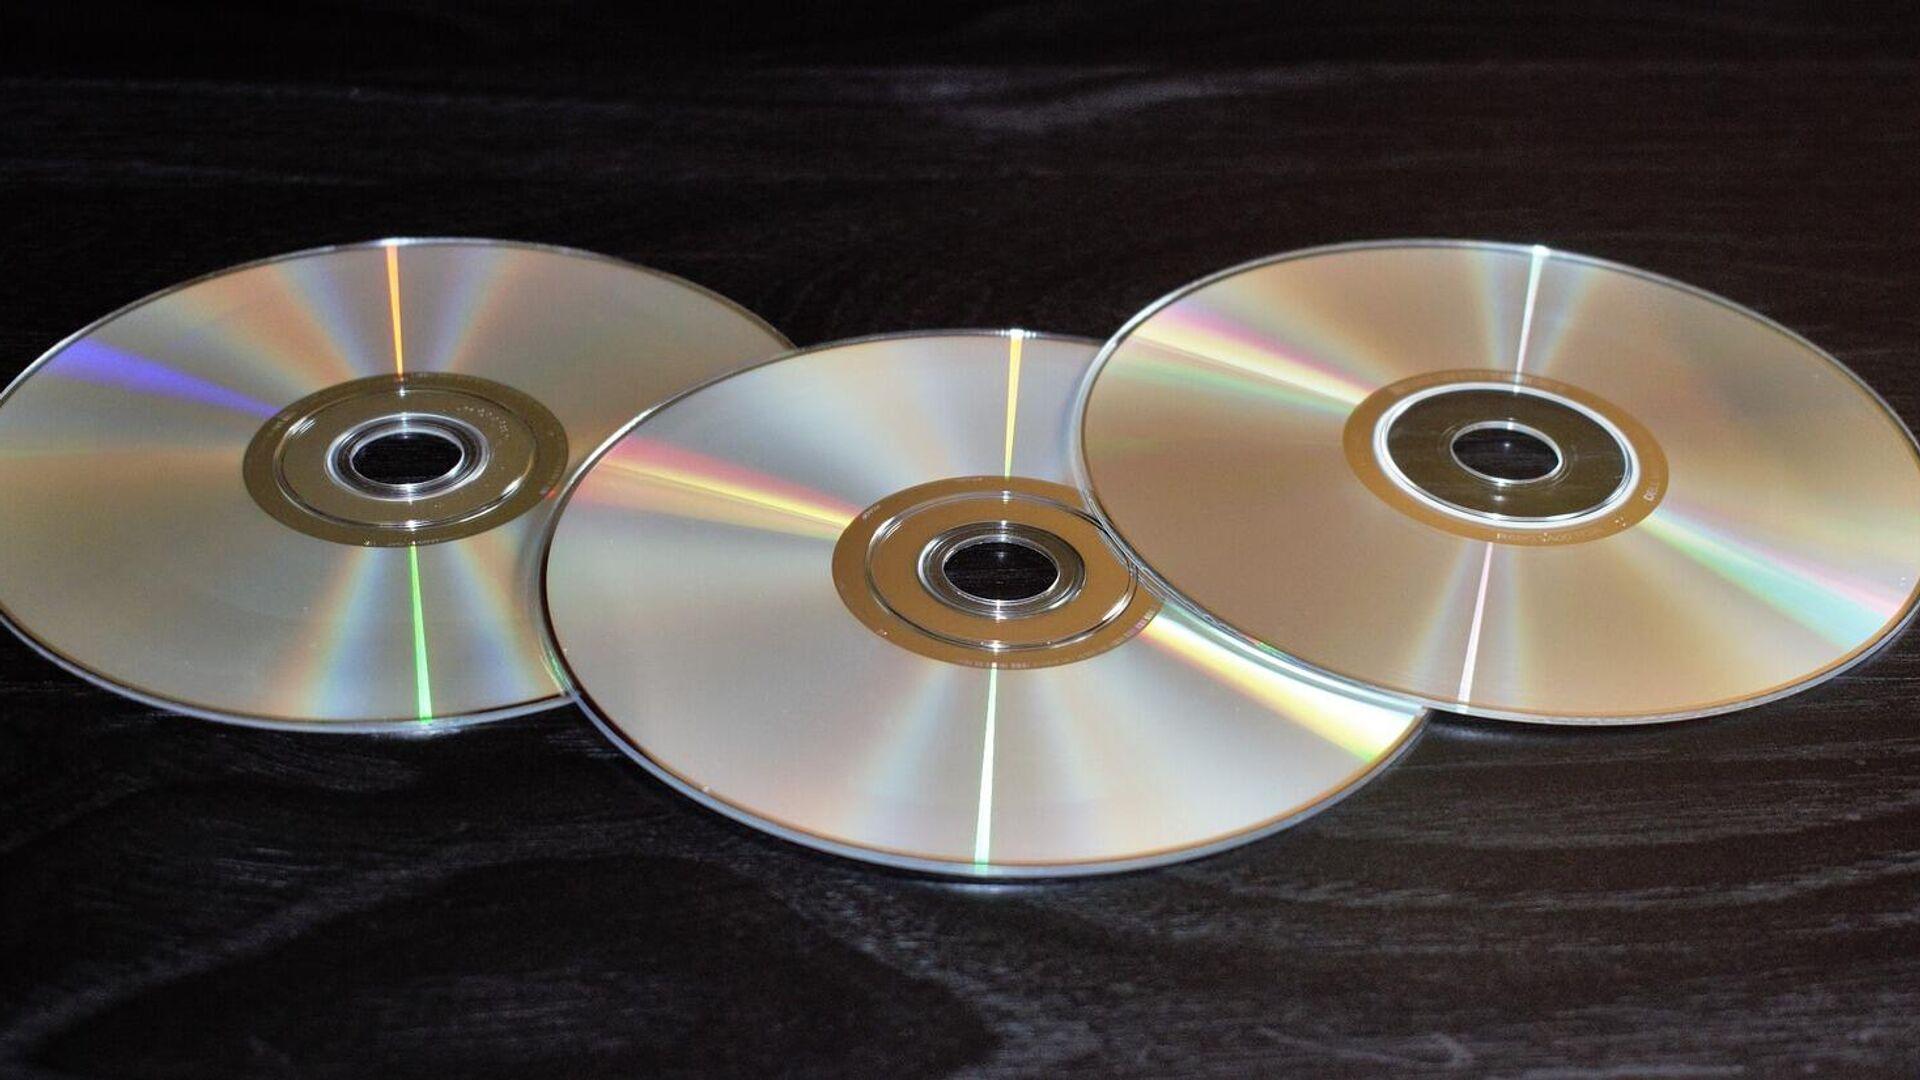 Автосалон вынудил россиянина купить компакт-диск за 140 тысяч рублей